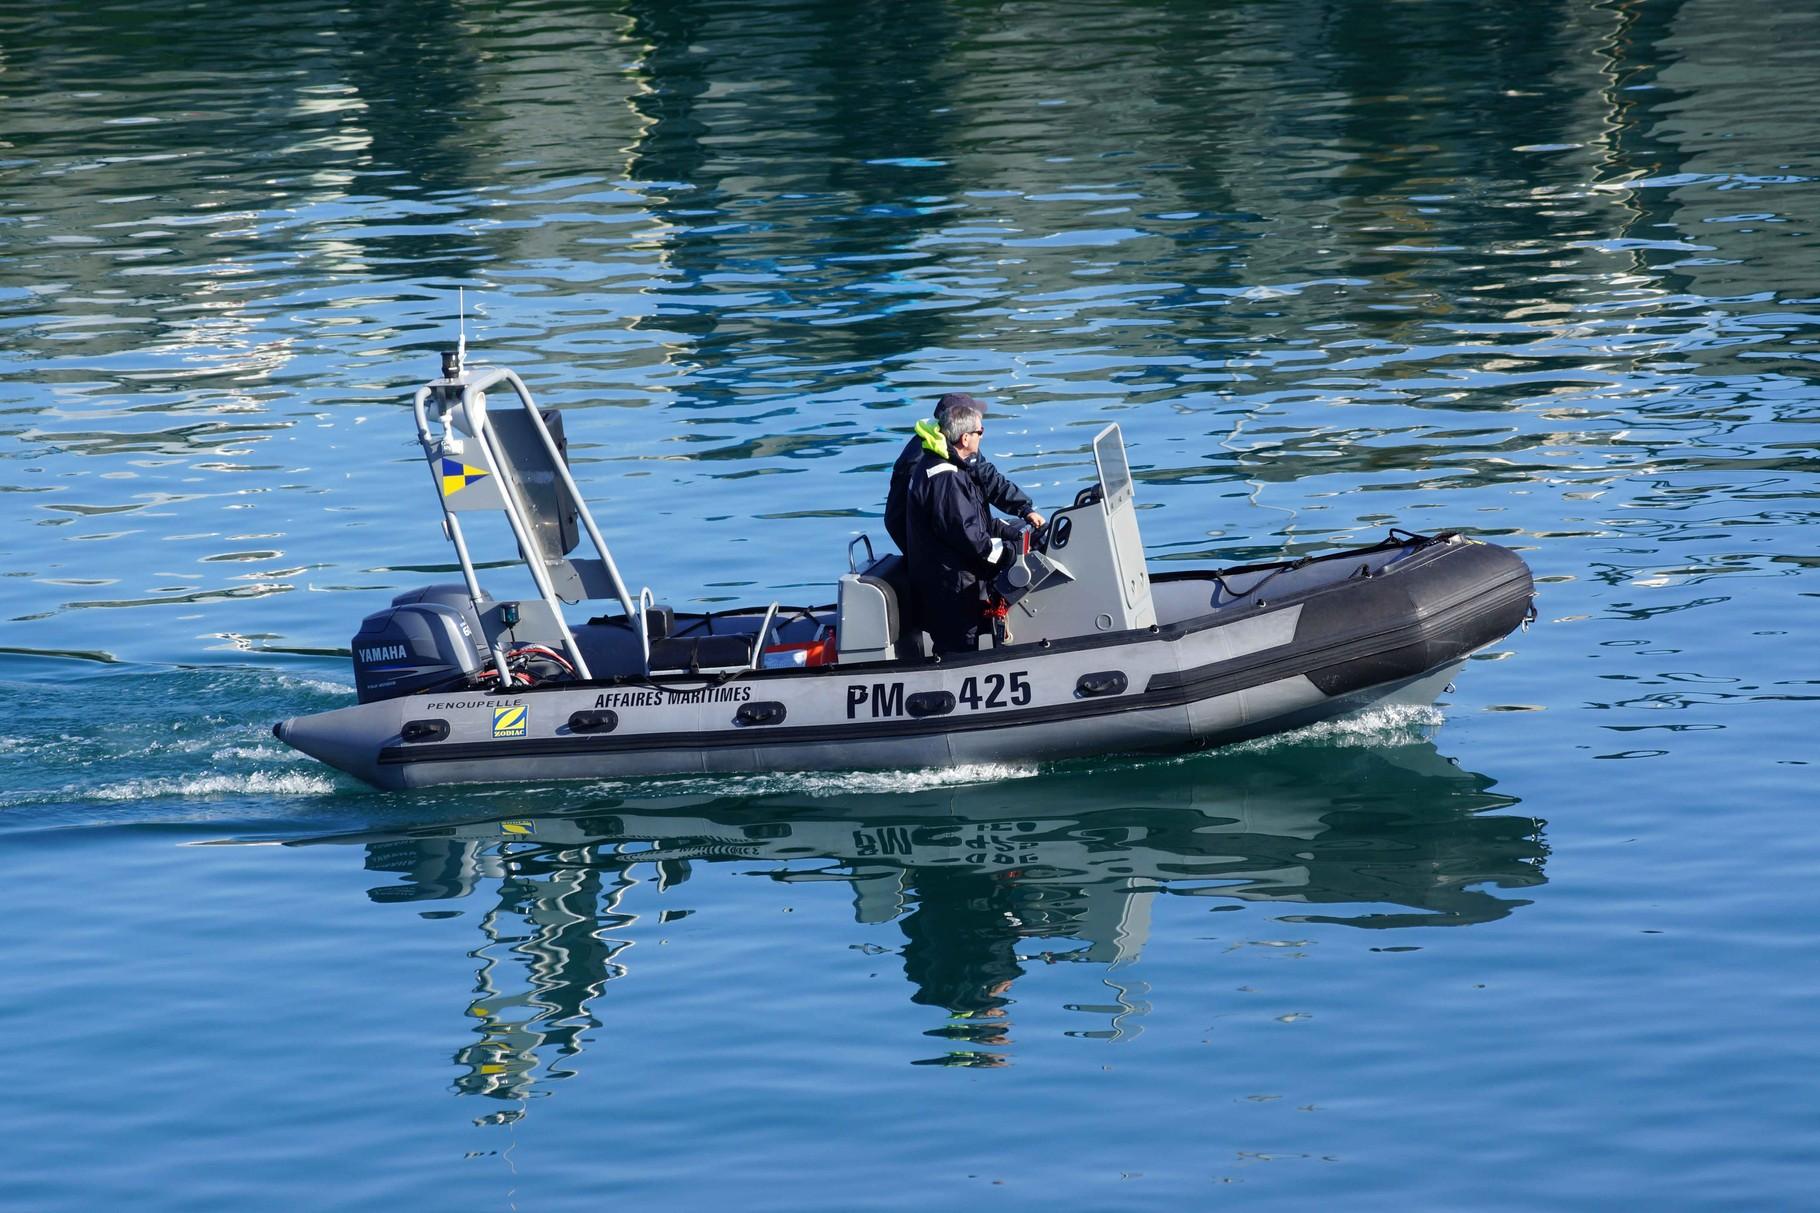 Penoupelle (Semi-Rigide de surveillance ; 4,85 m / 1,90 m ~ Affaires Maritimes ~ Roscoff) PM 425